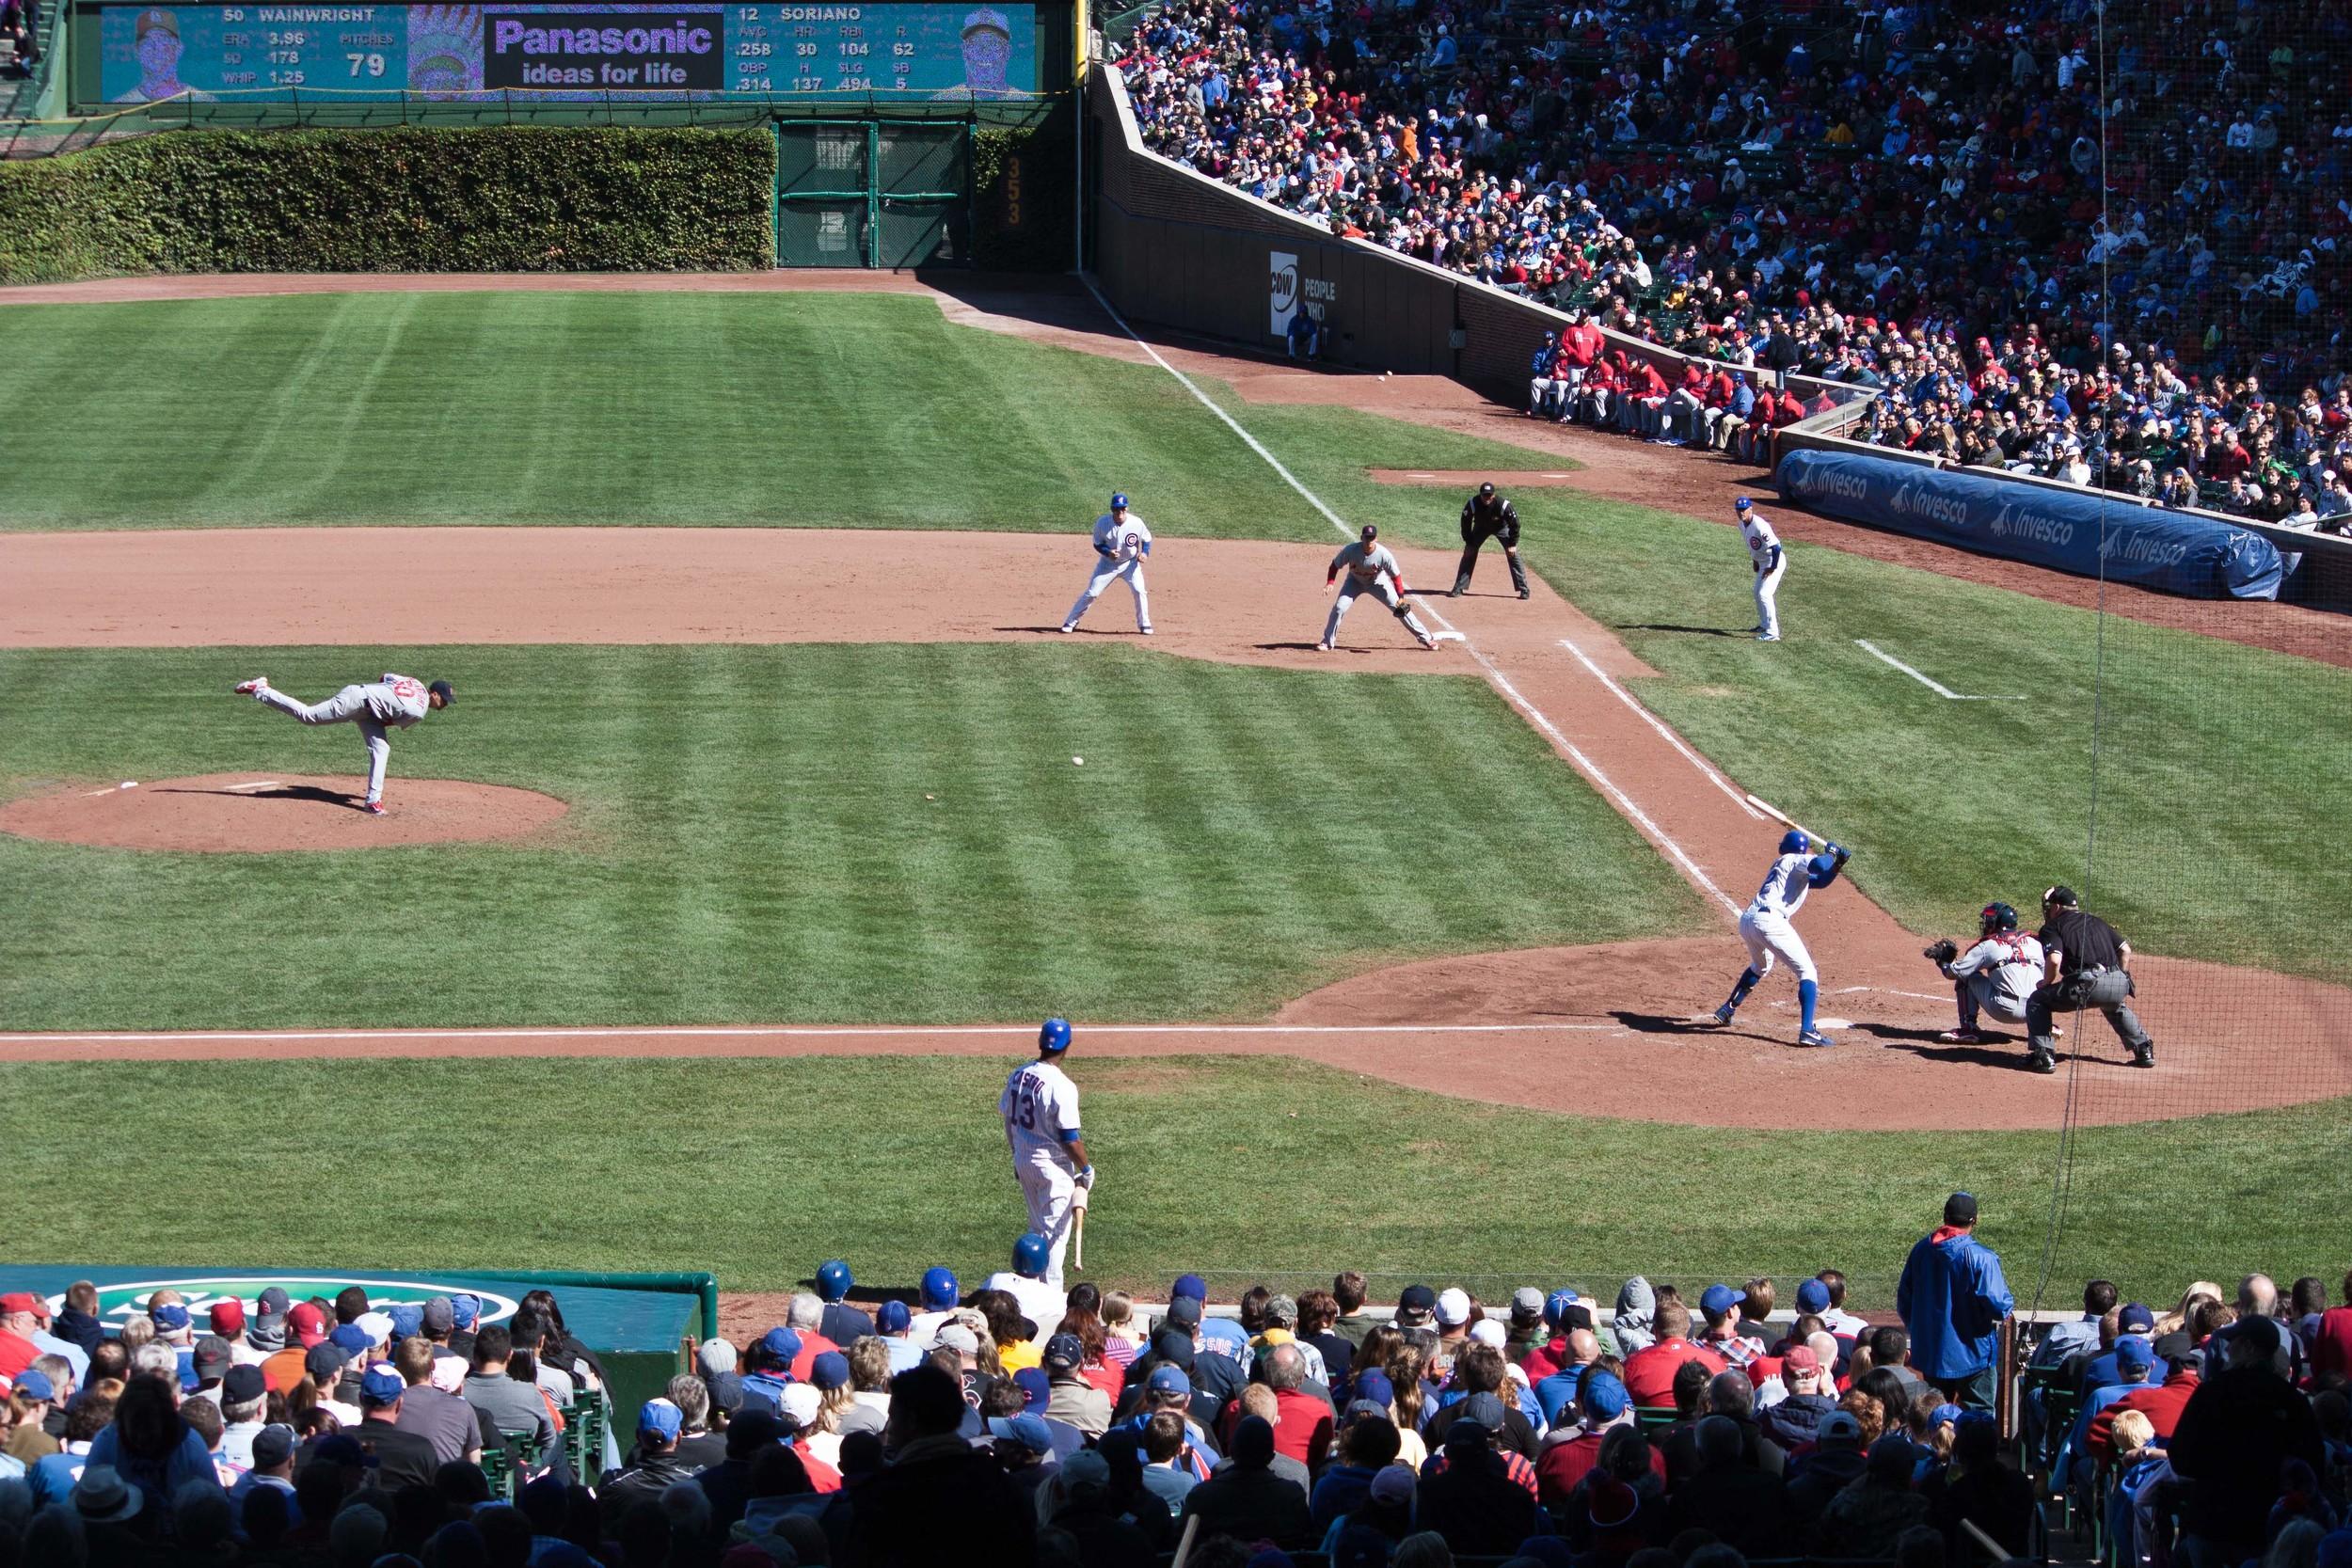 Wrigley Chicago Cubs Alue Optics